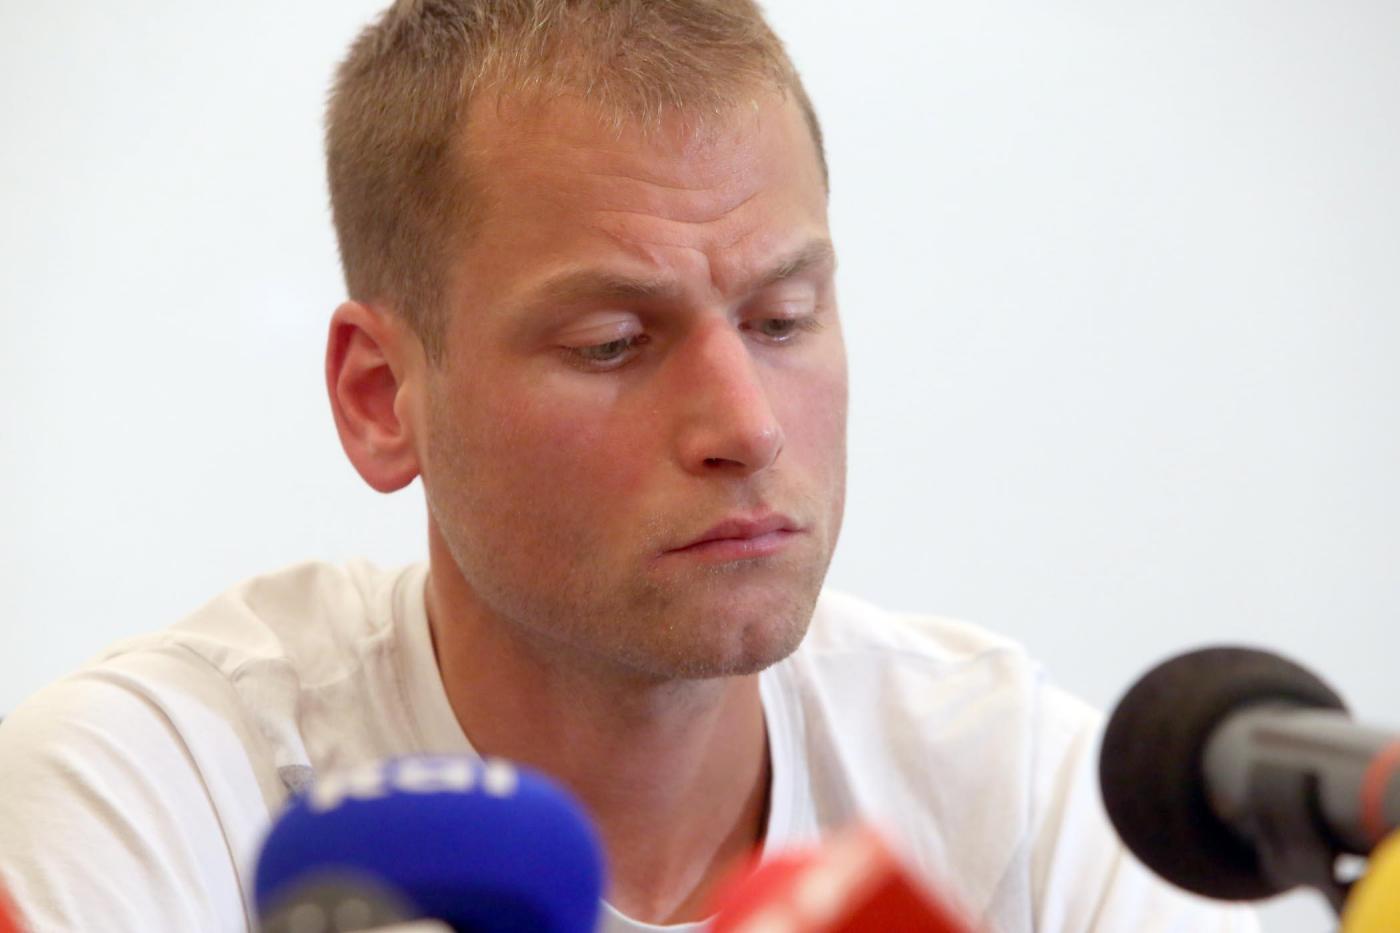 Atletica, Schwazer diventa allenatore privato